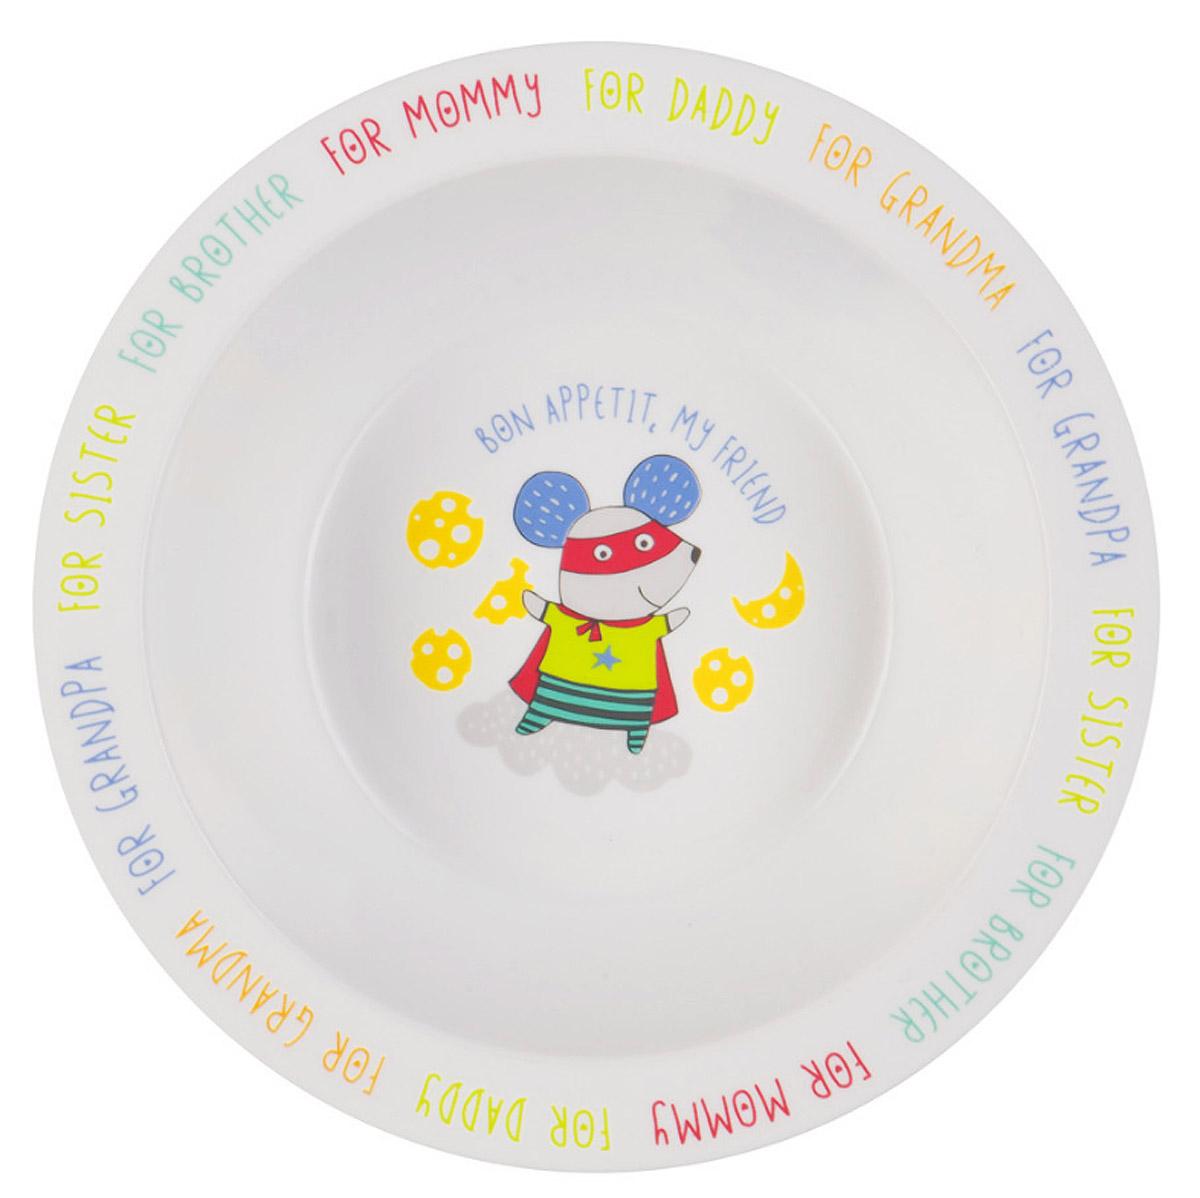 Happy Baby Тарелка глубокая для кормления с присоской Мышь цвет белый желтый15029_мышьГлубокая тарелка для кормления Happy Baby Мышь с присоской поможет приучить малыша кушать из посуды для взрослых. Выполненная из полипропилена и термопластичного эластомера, тарелка не бьется при случайном падении, имеет малый вес, широкие края. Забавная нарисованная мышка на дне тарелки поможет заинтересовать малыша процессом кормления. Широкая присоска на дне прочно фиксирует тарелку на гладкой поверхности и не позволит ее перевернуть. Не содержит бисфенол-А. Можно разогревать в СВЧ-печи и мыть в посудомоечной машине без присоски.